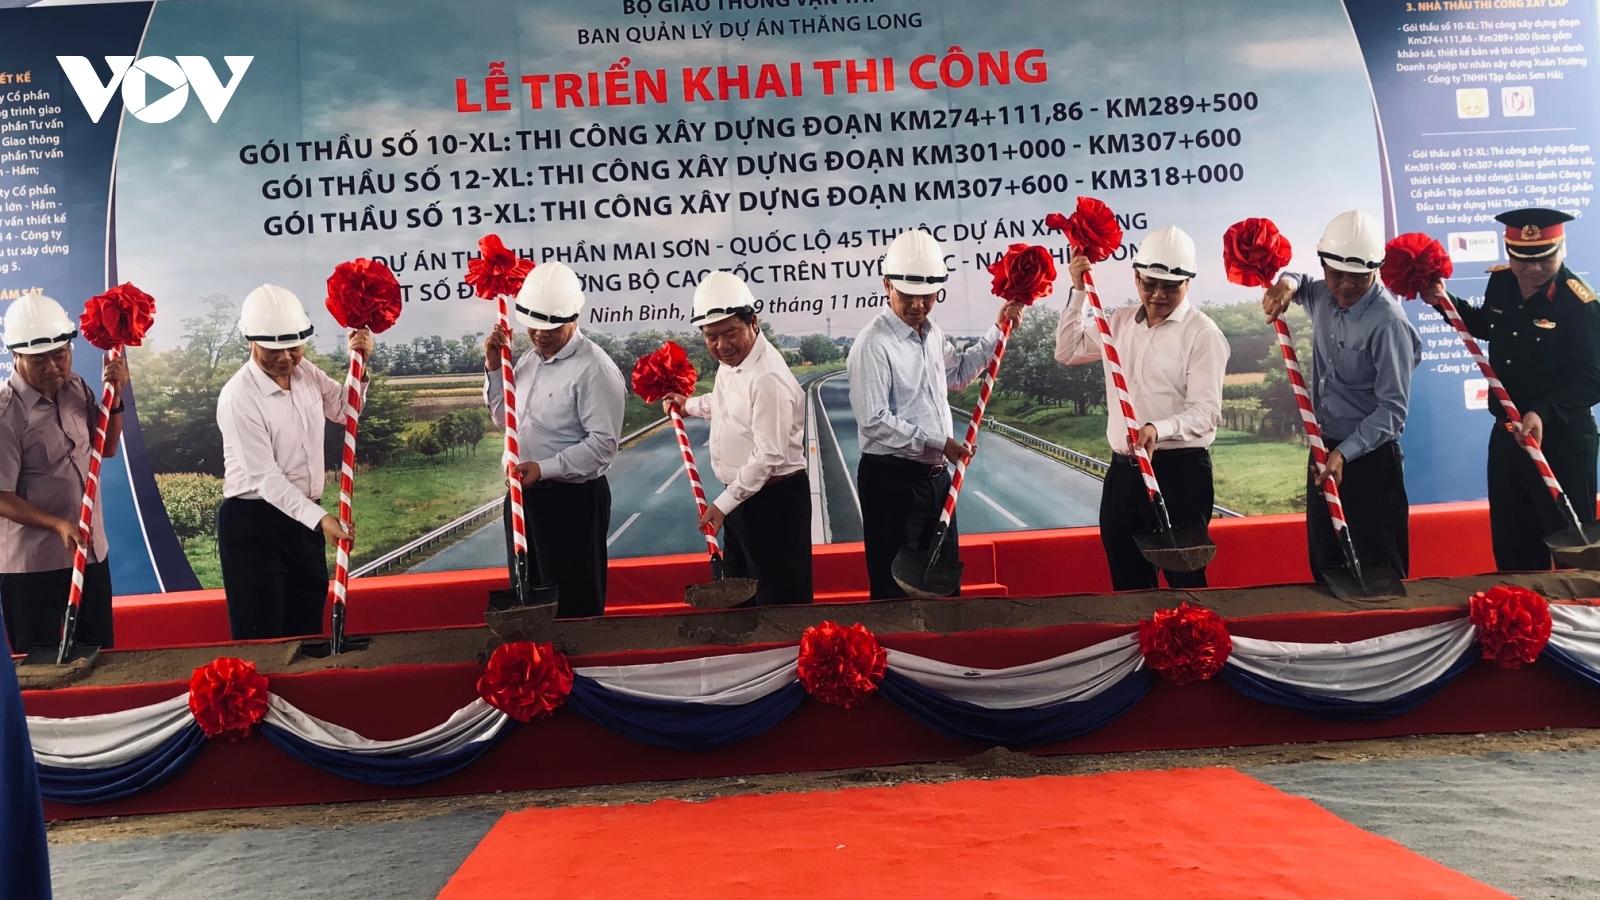 Đồng loạt khởi công 3 gói thầu cao tốc Bắc - Nam đoạn Mai Sơn - QL 45